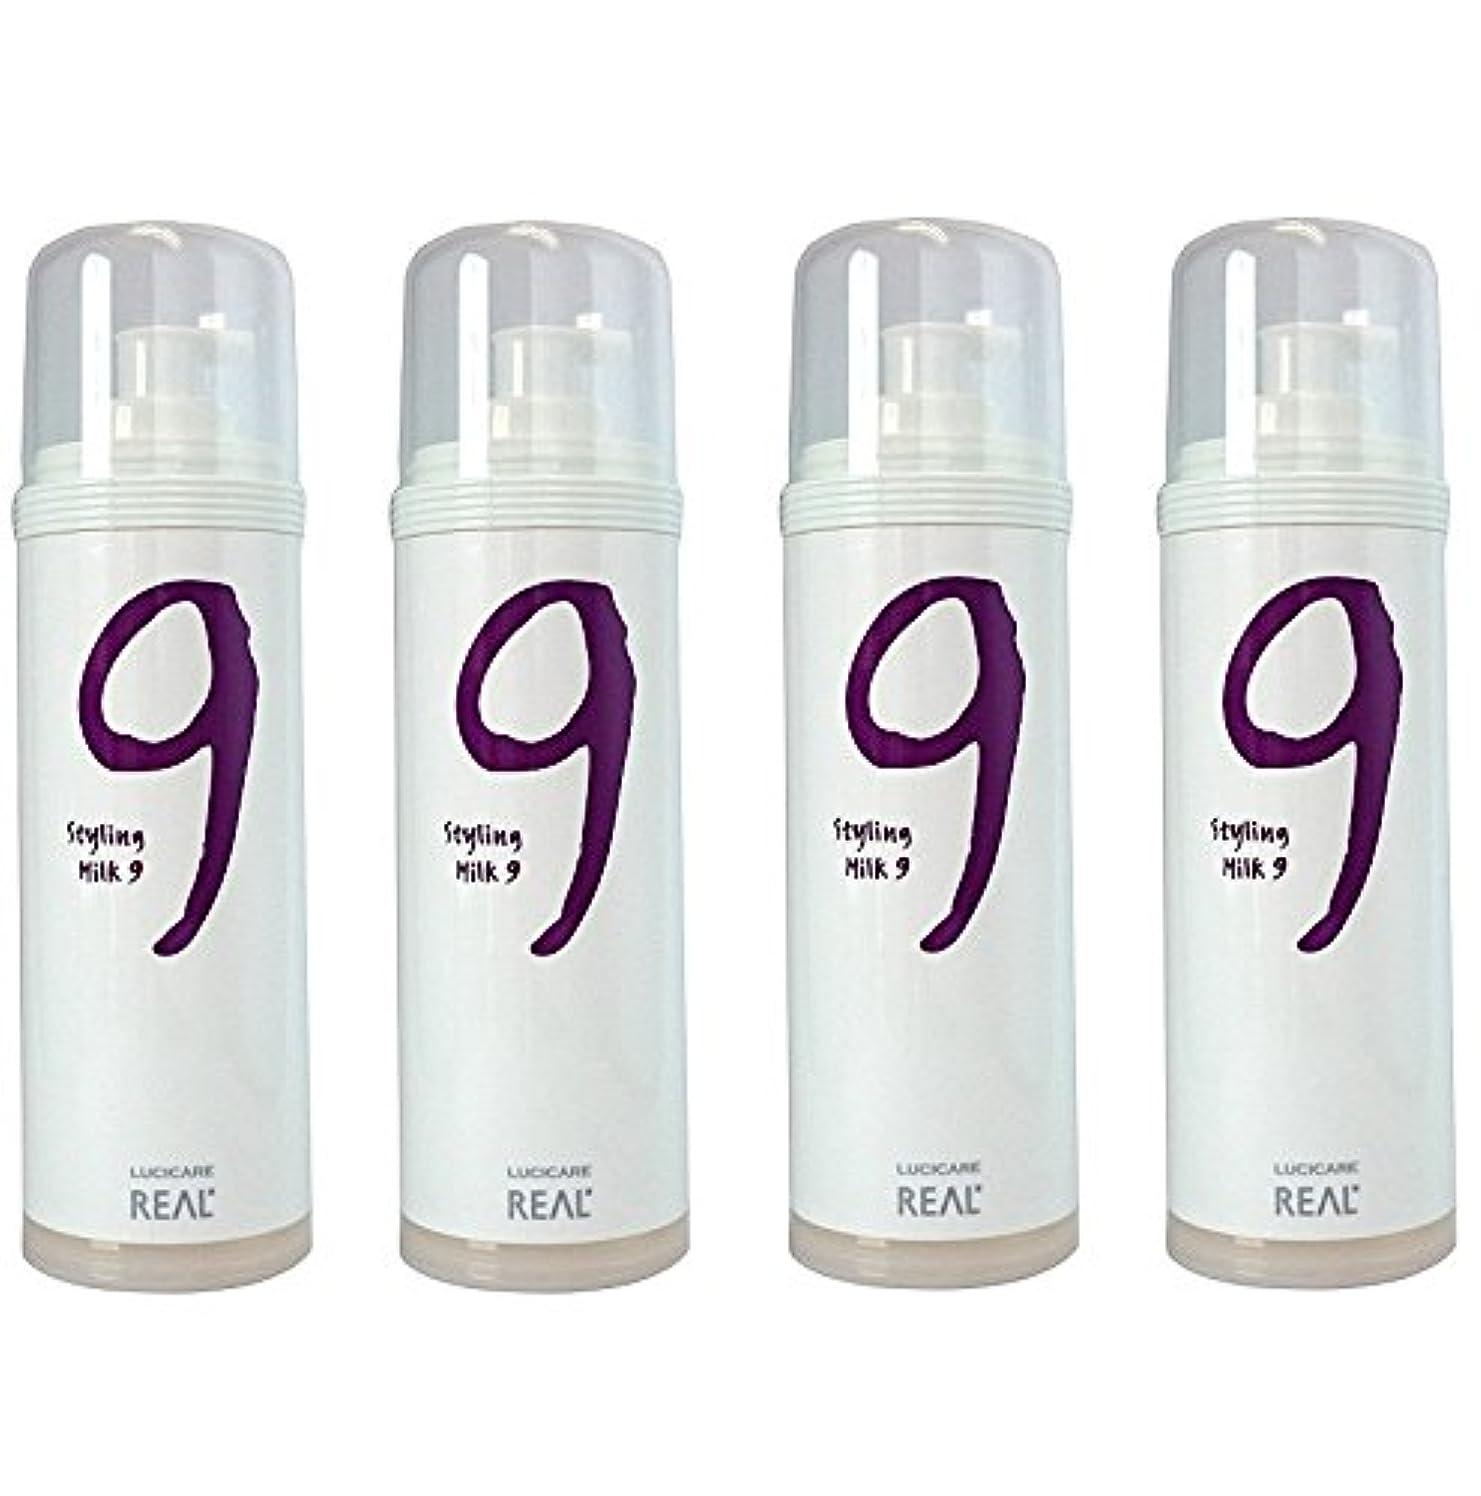 臭いシェア自分【4本セット】 リアル化学 ルシケア スタイリングミルク9 135g 【ハード】